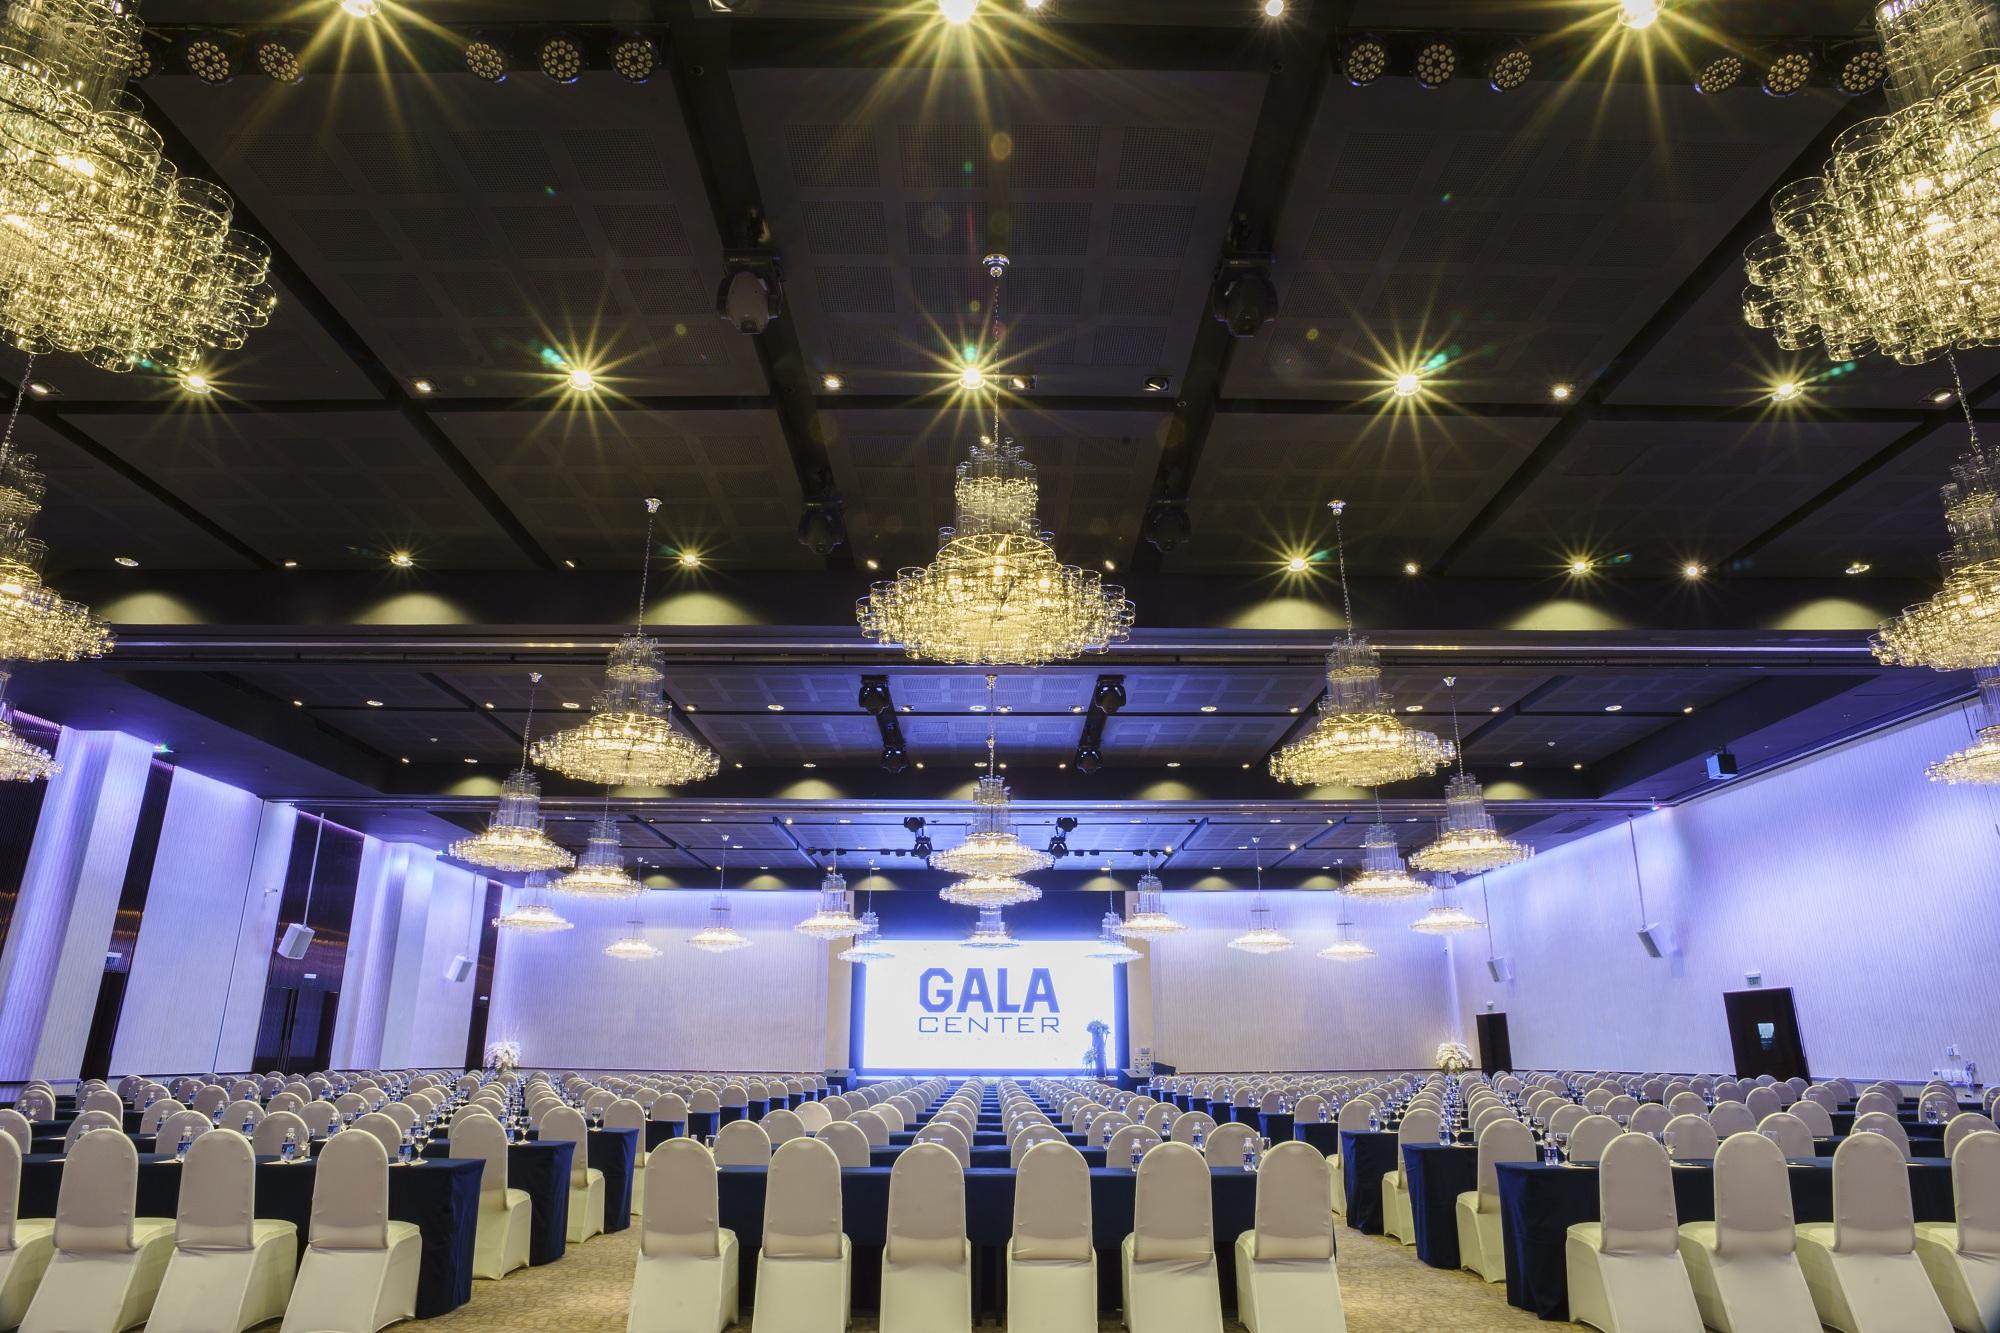 Một sự kiện quy mô lớn tại trung tâm hội nghị quận Tân Bình Gala Center